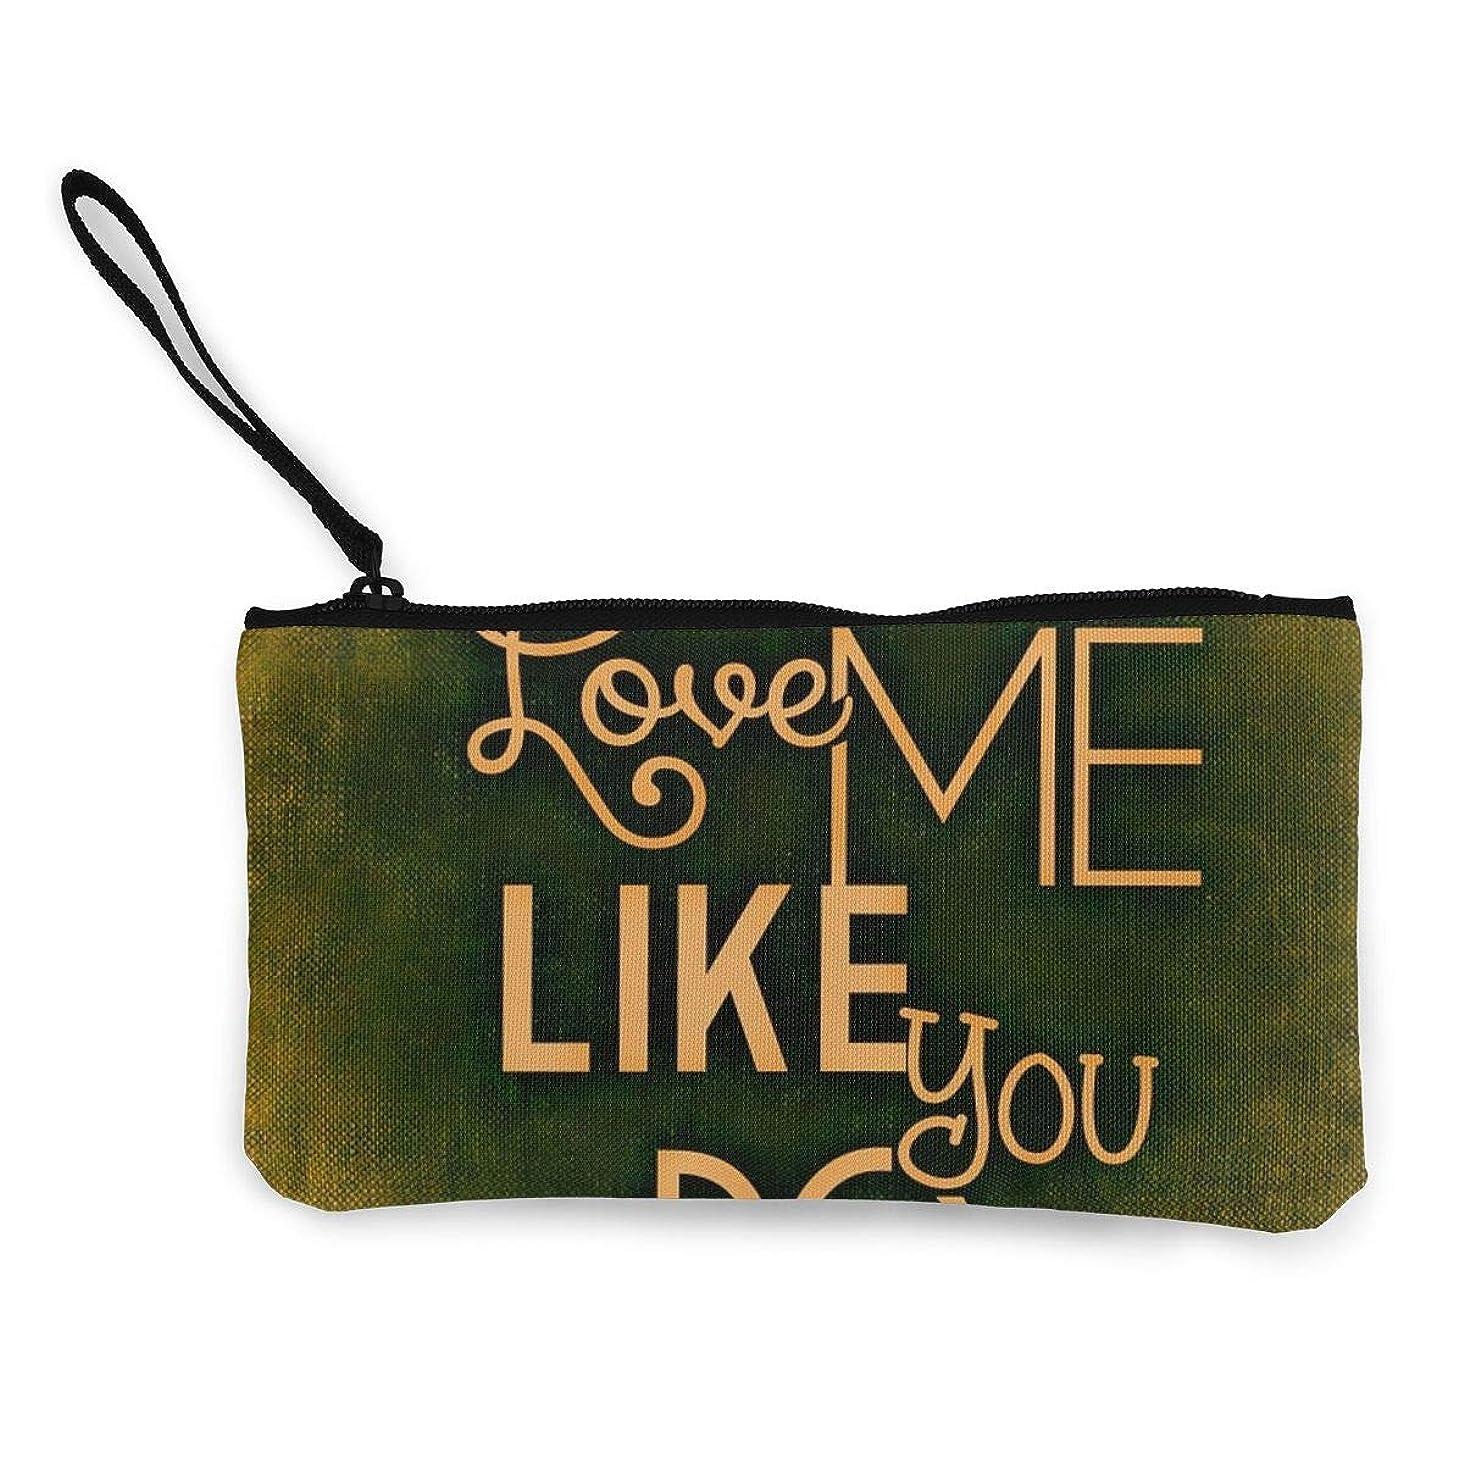 召集する六分儀副産物ErmiCo レディース 小銭入れ キャンバス財布 私を愛してますか 愛 LOVE 小遣い財布 財布 鍵 小物 充電器 収納 長財布 ファスナー付き 22×12cm